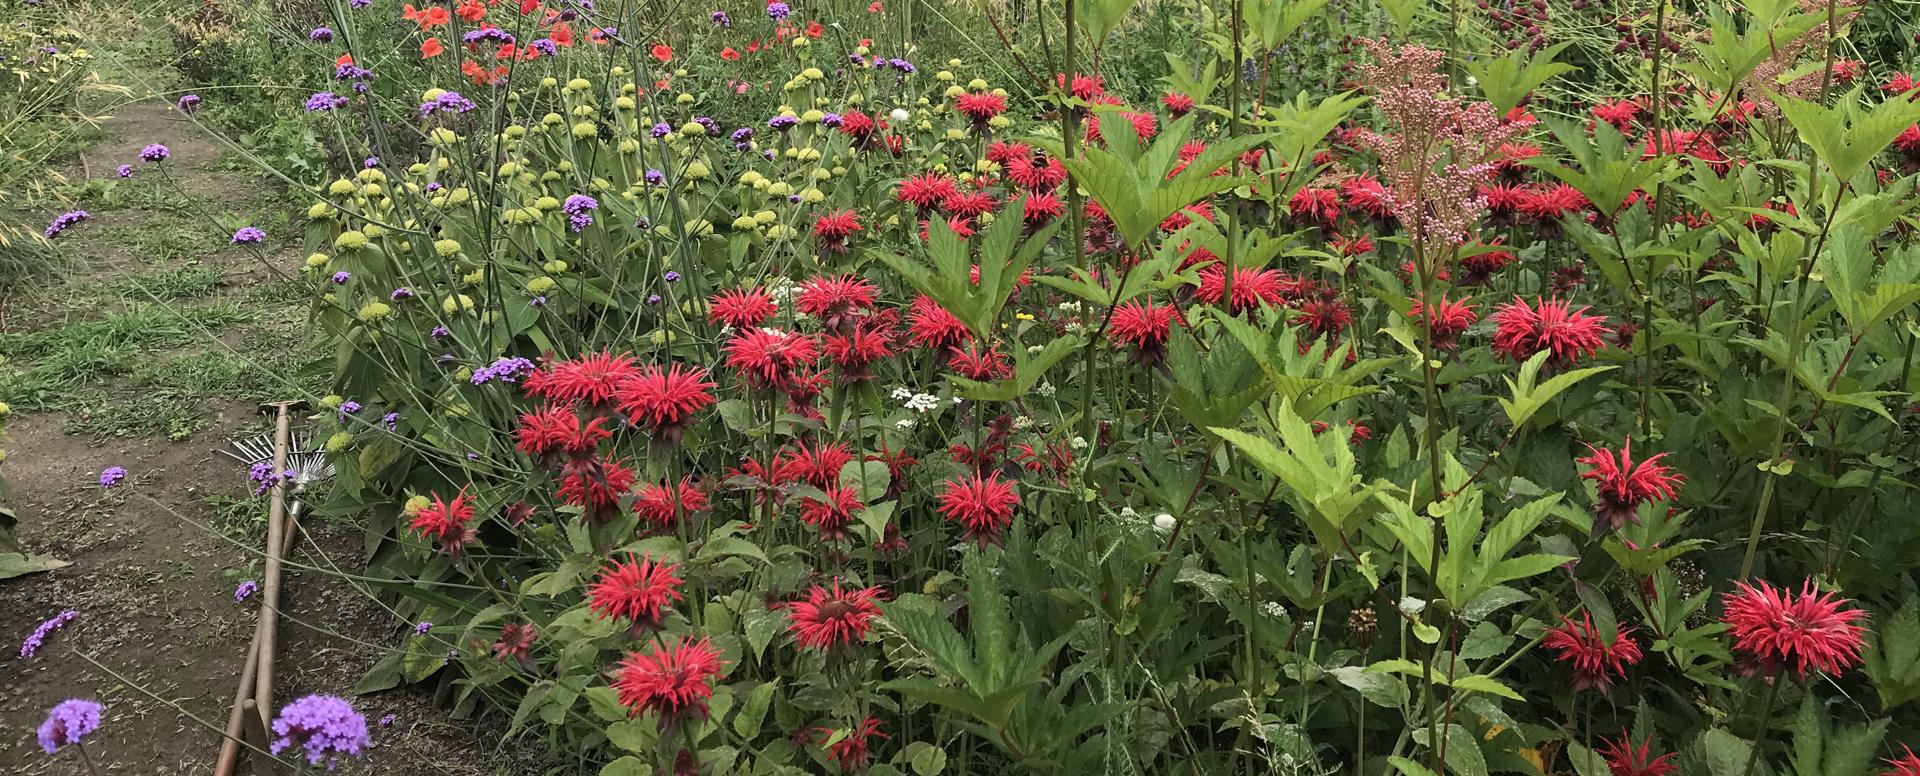 boerentuinbloemen